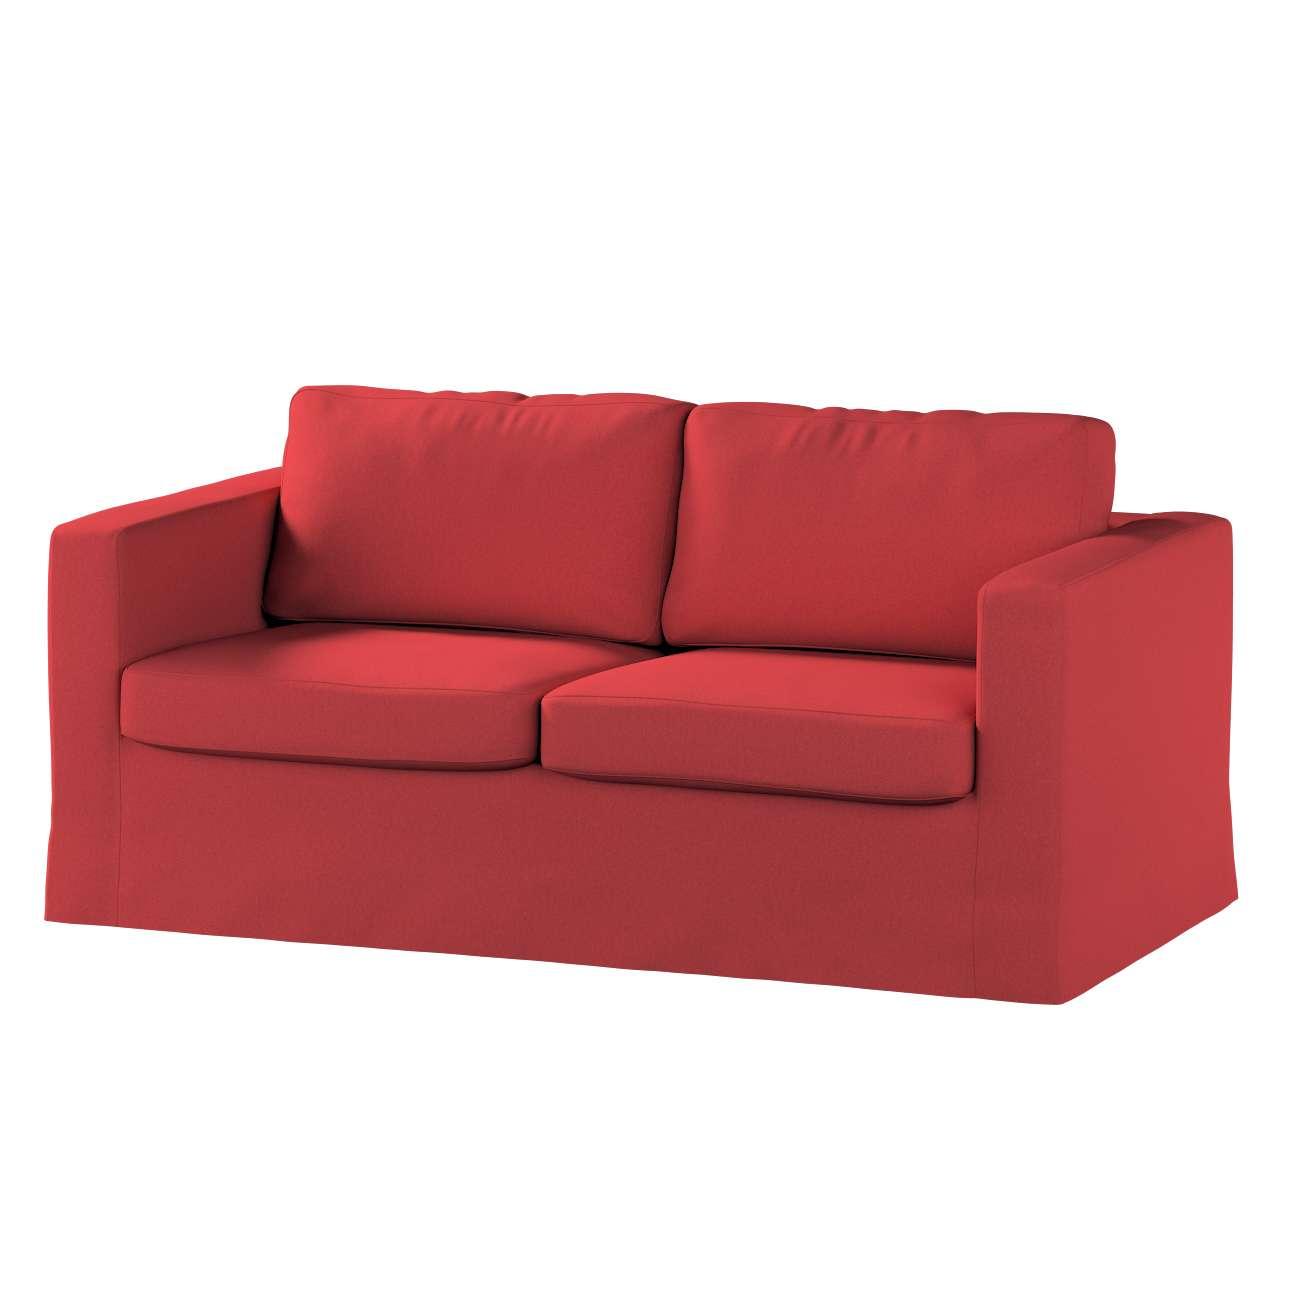 Pokrowiec na sofę Karlstad 2-osobową nierozkładaną długi w kolekcji Living, tkanina: 161-56